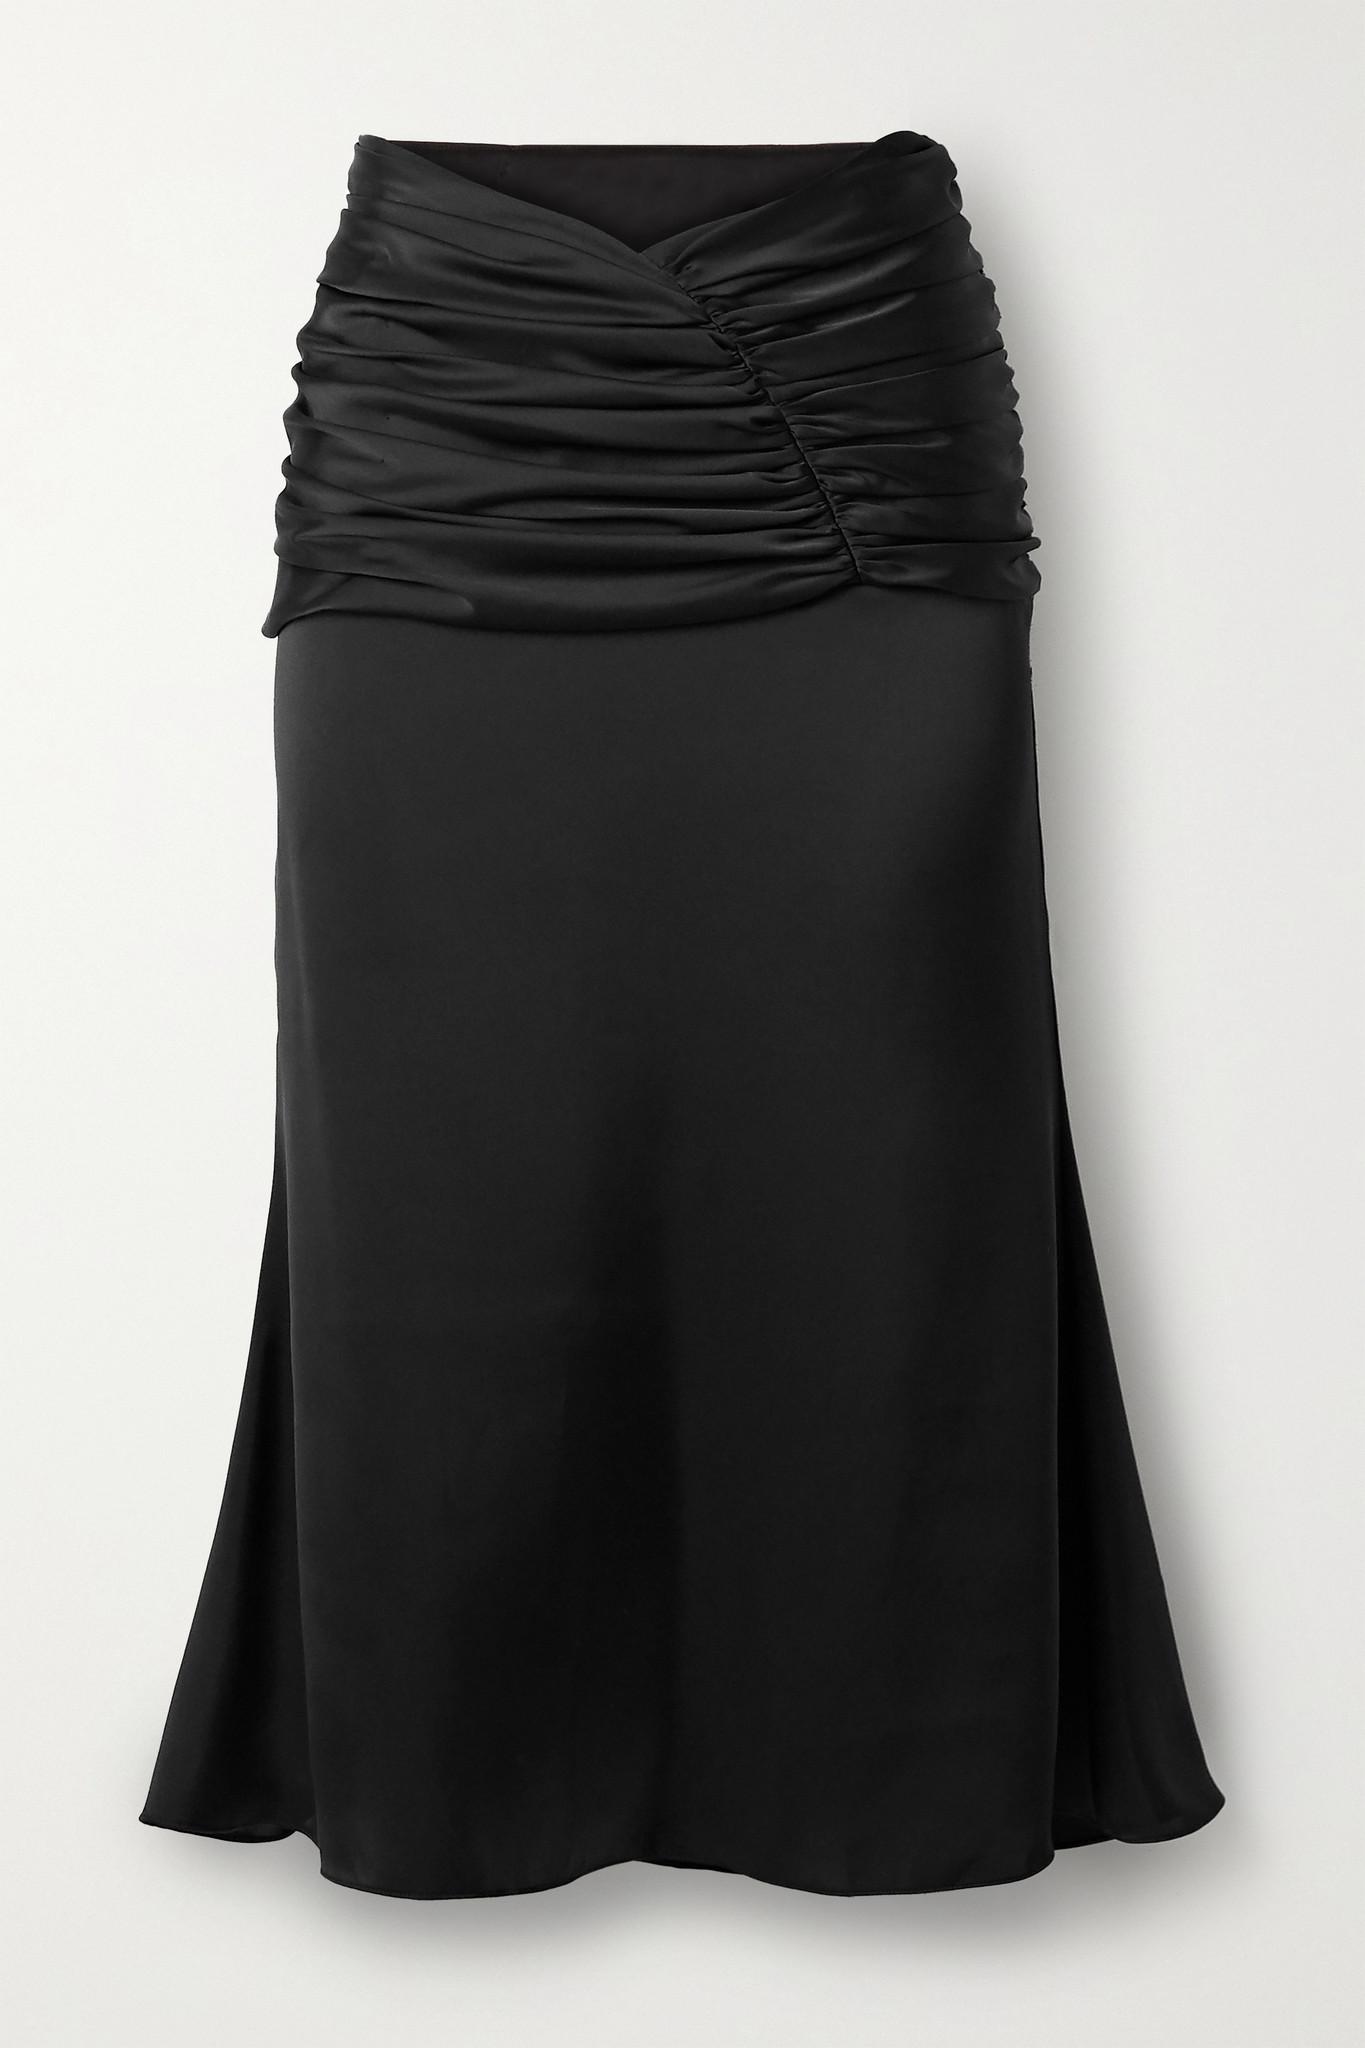 ORSEUND IRIS - Romantique 褶饰缎布半身裙 - 黑色 - medium